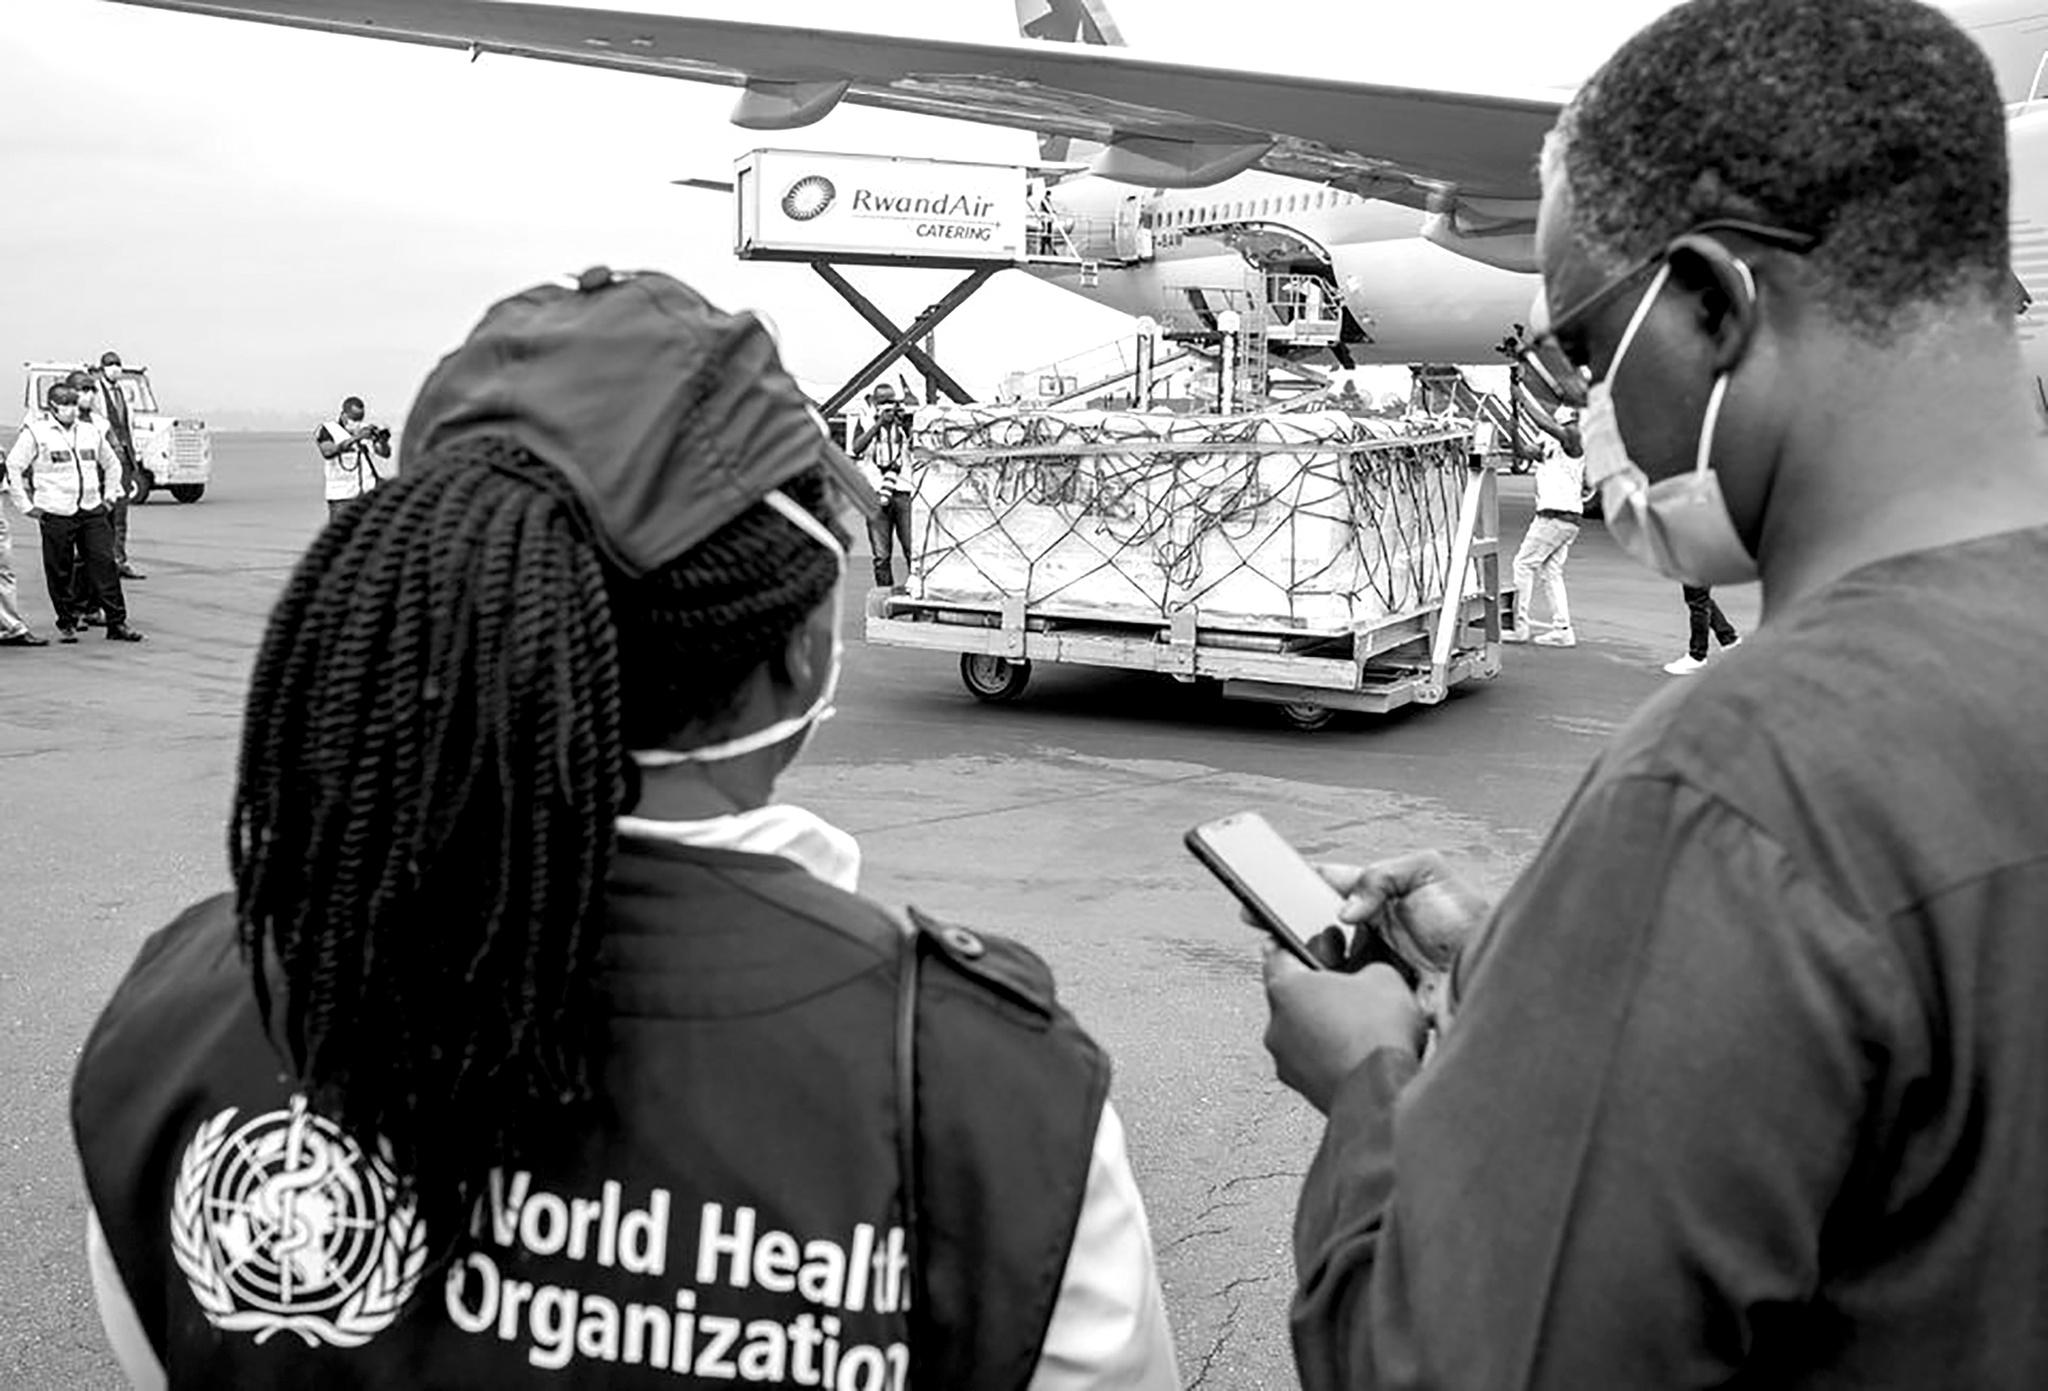 Lô vắc xin Covid-19 theo chương trình COVAX đến Rwanda /// Ảnh: Reuters